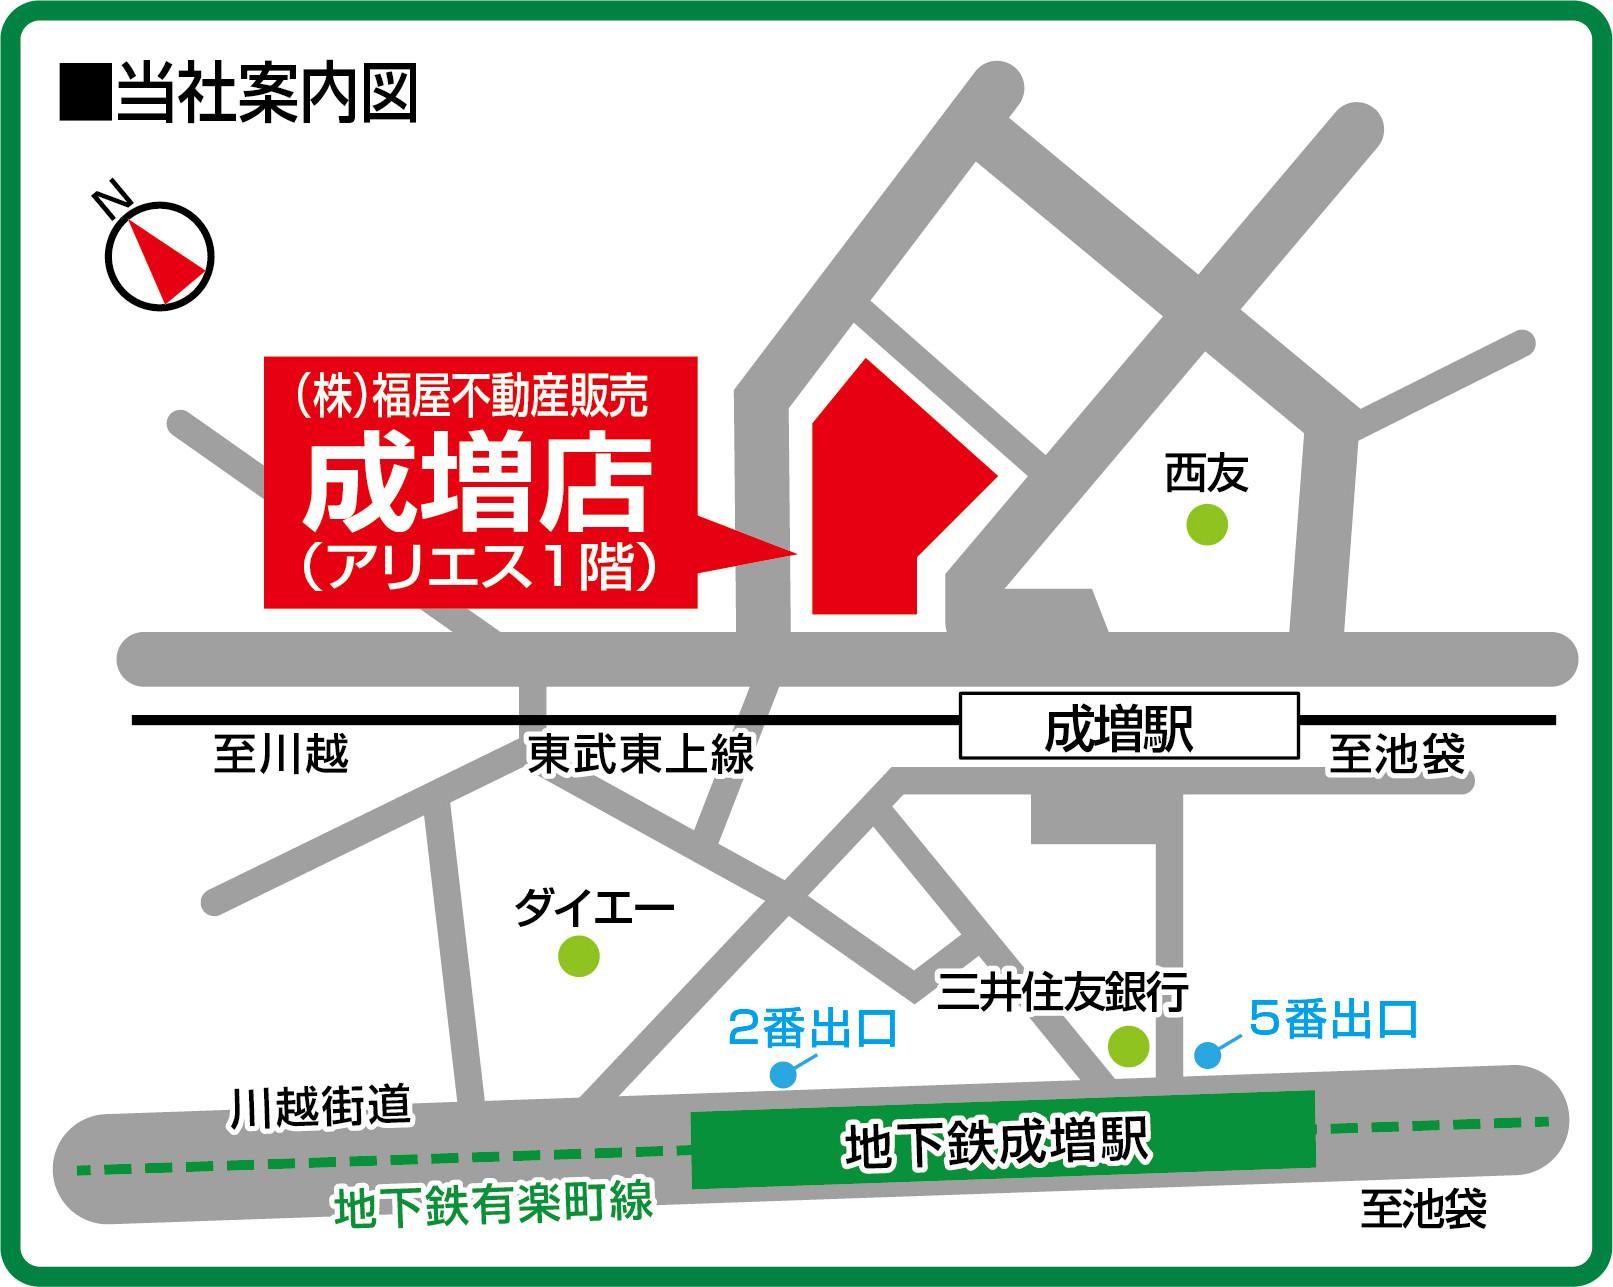 (株)福屋不動産販売 成増店がオープン致しました。